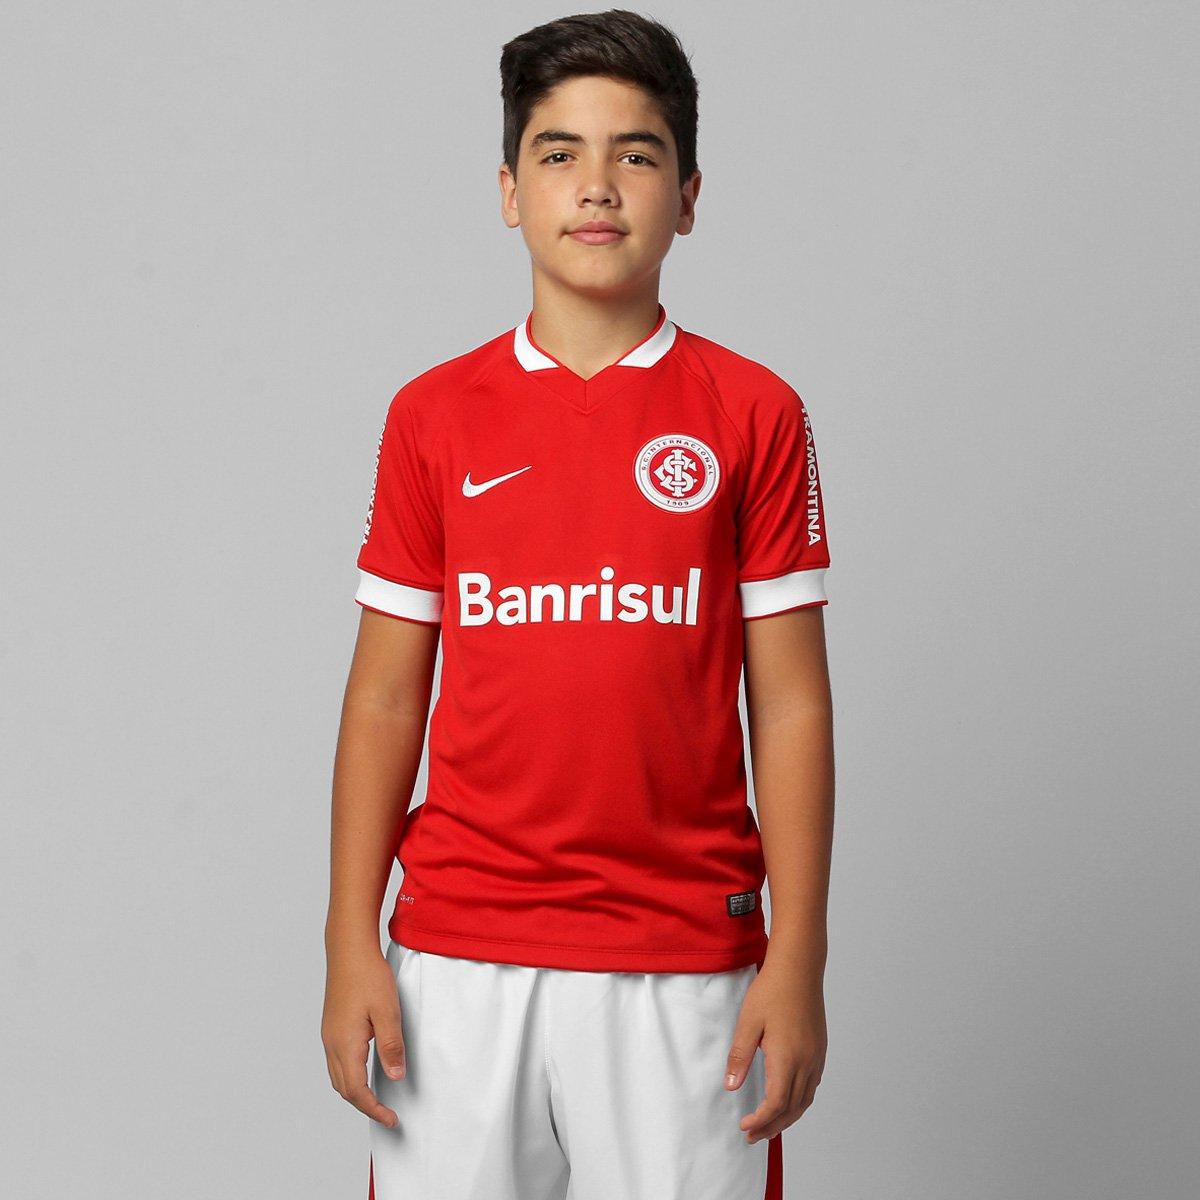 Camisa Nike Internacional I 14 15 s nº Juvenil - Compre Agora  475682490bcdf